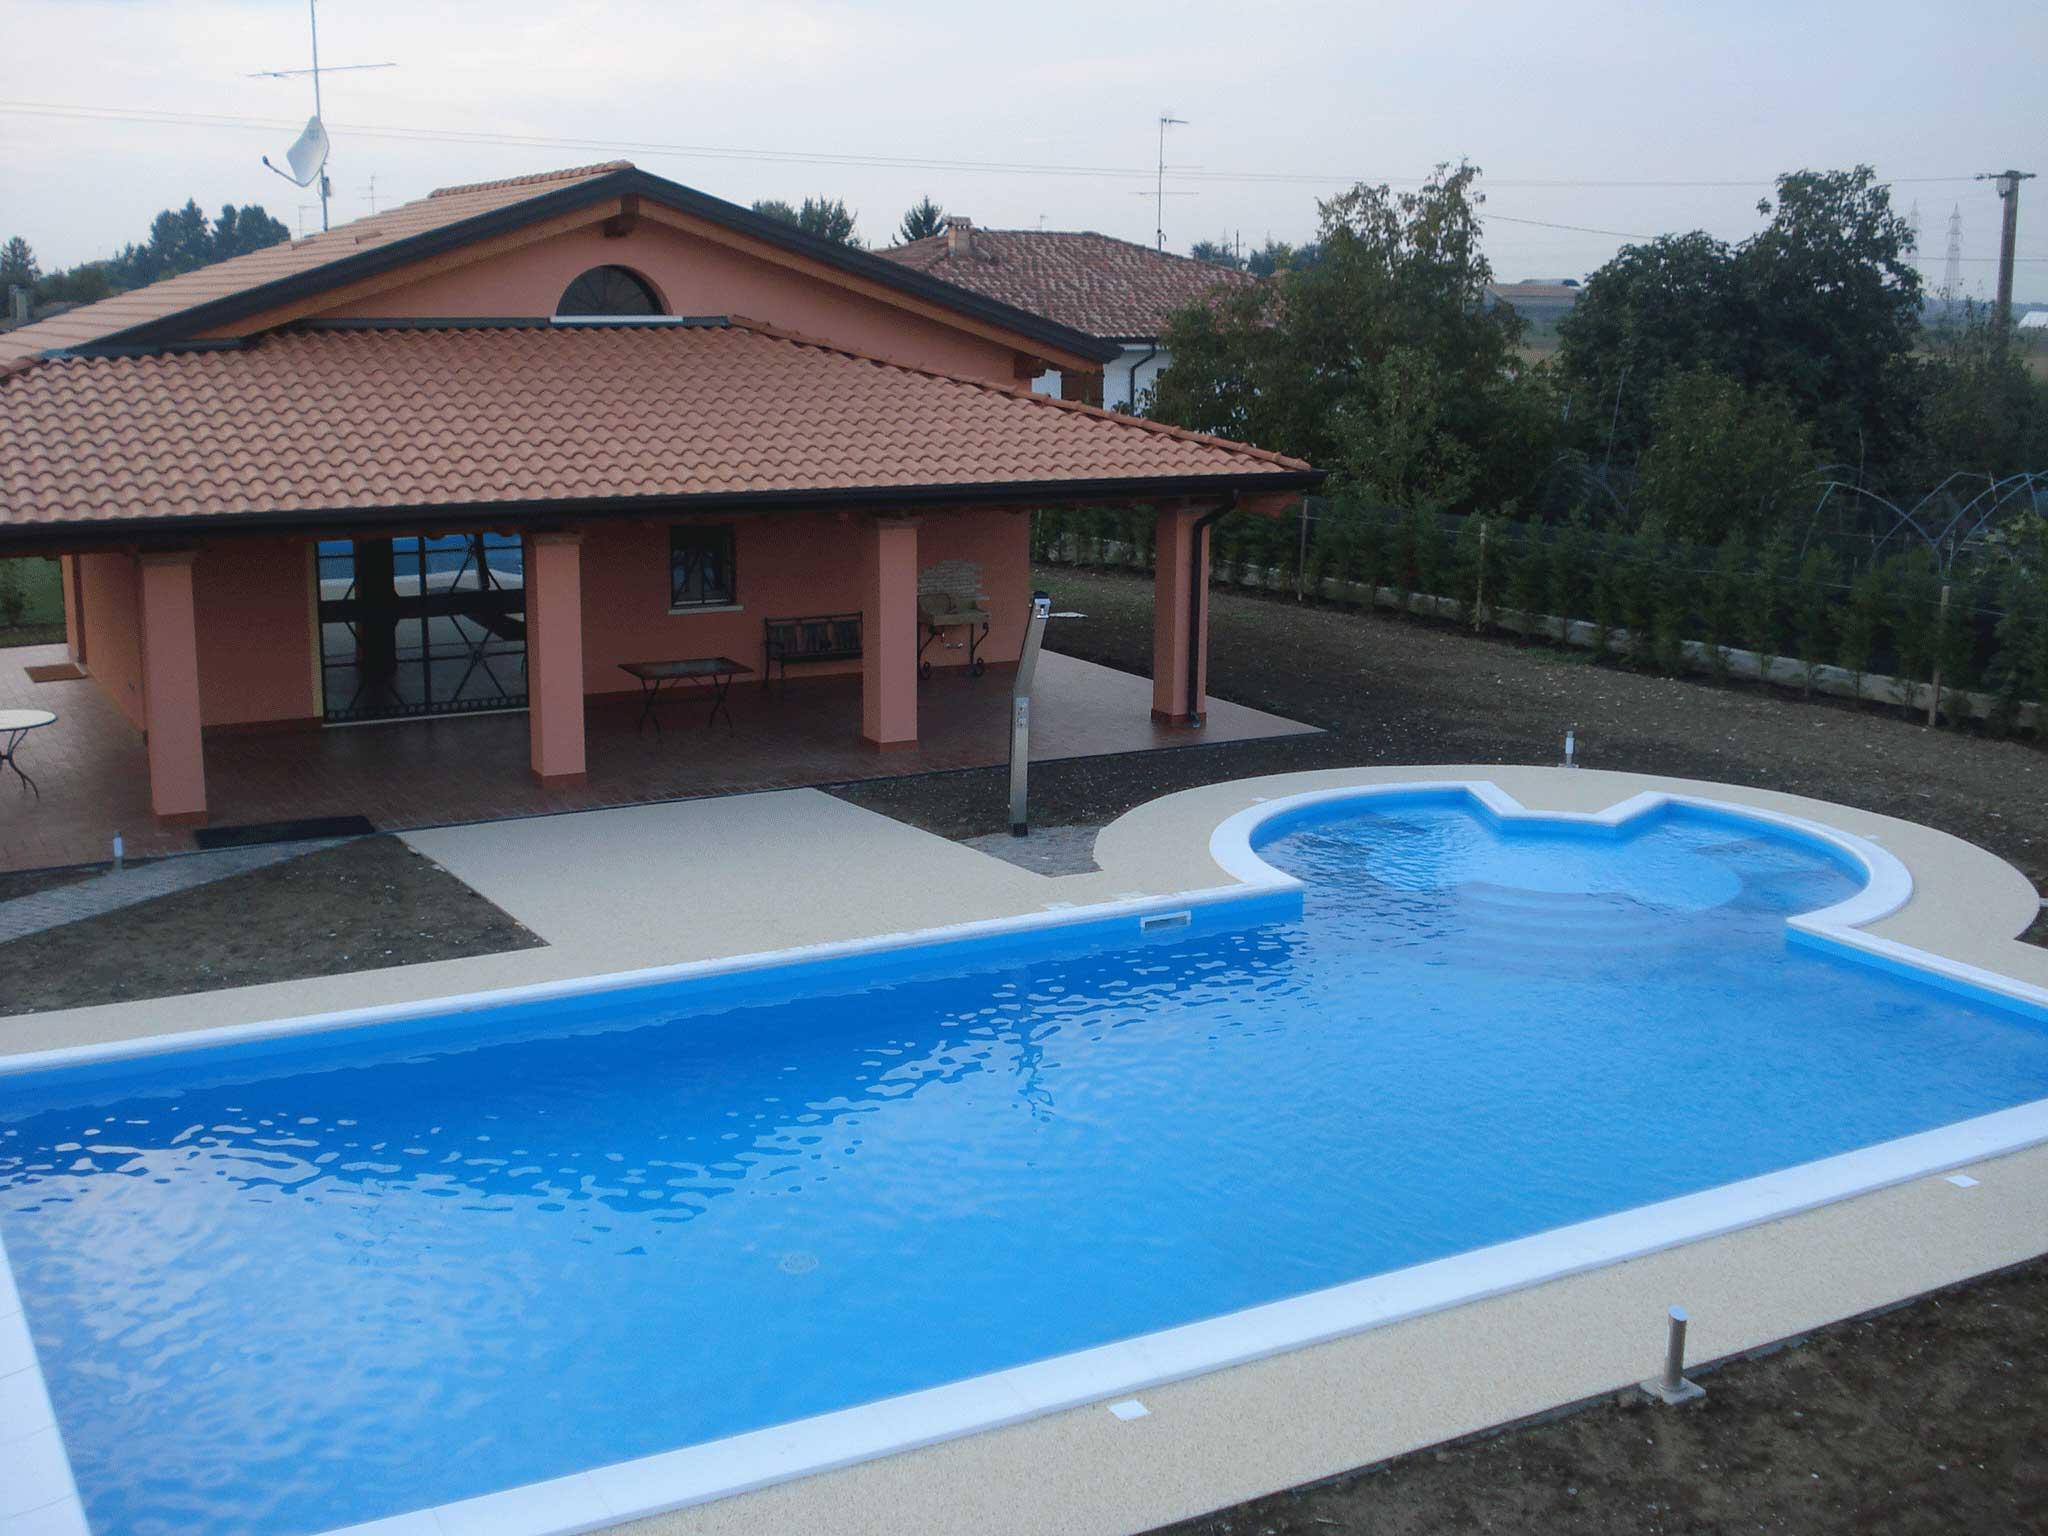 lavori casareggio piscine piscine piscine mantova